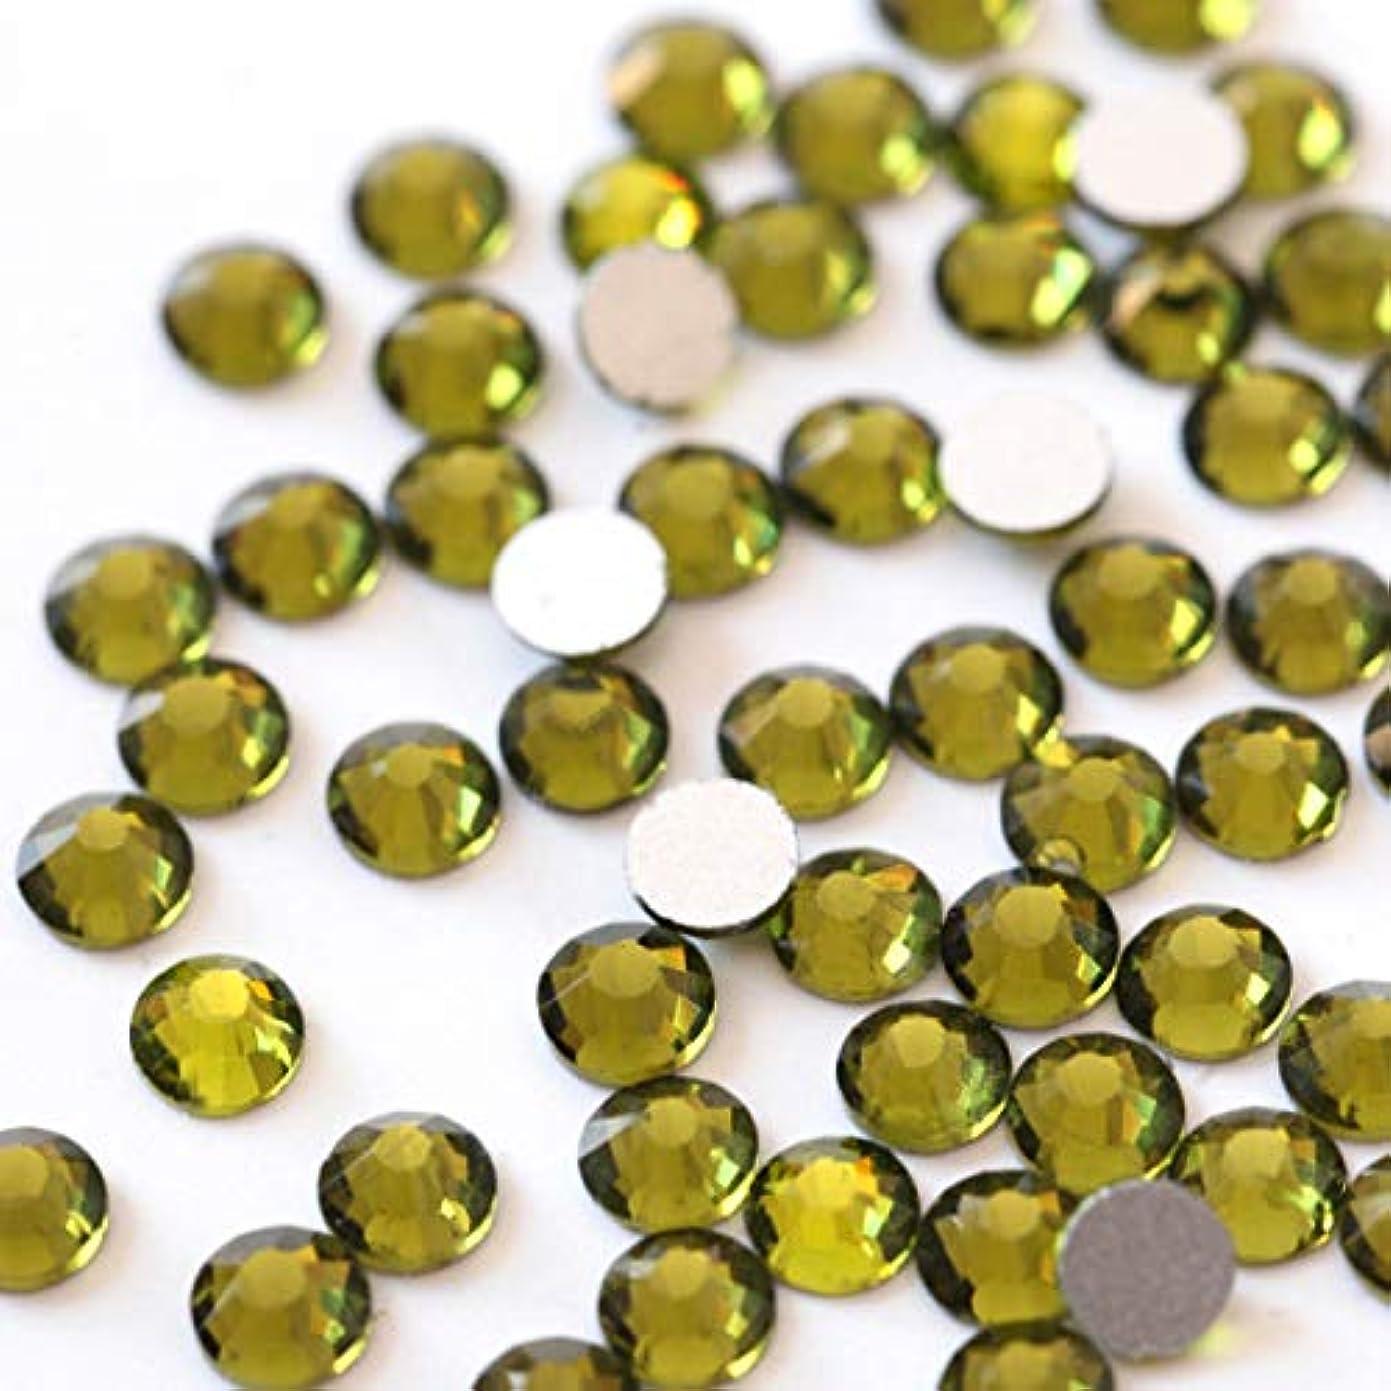 マンハッタン魂小売【ラインストーン77】高品質ガラス製ラインストーン オリーブ(1.9mm (SS6) 約200粒)